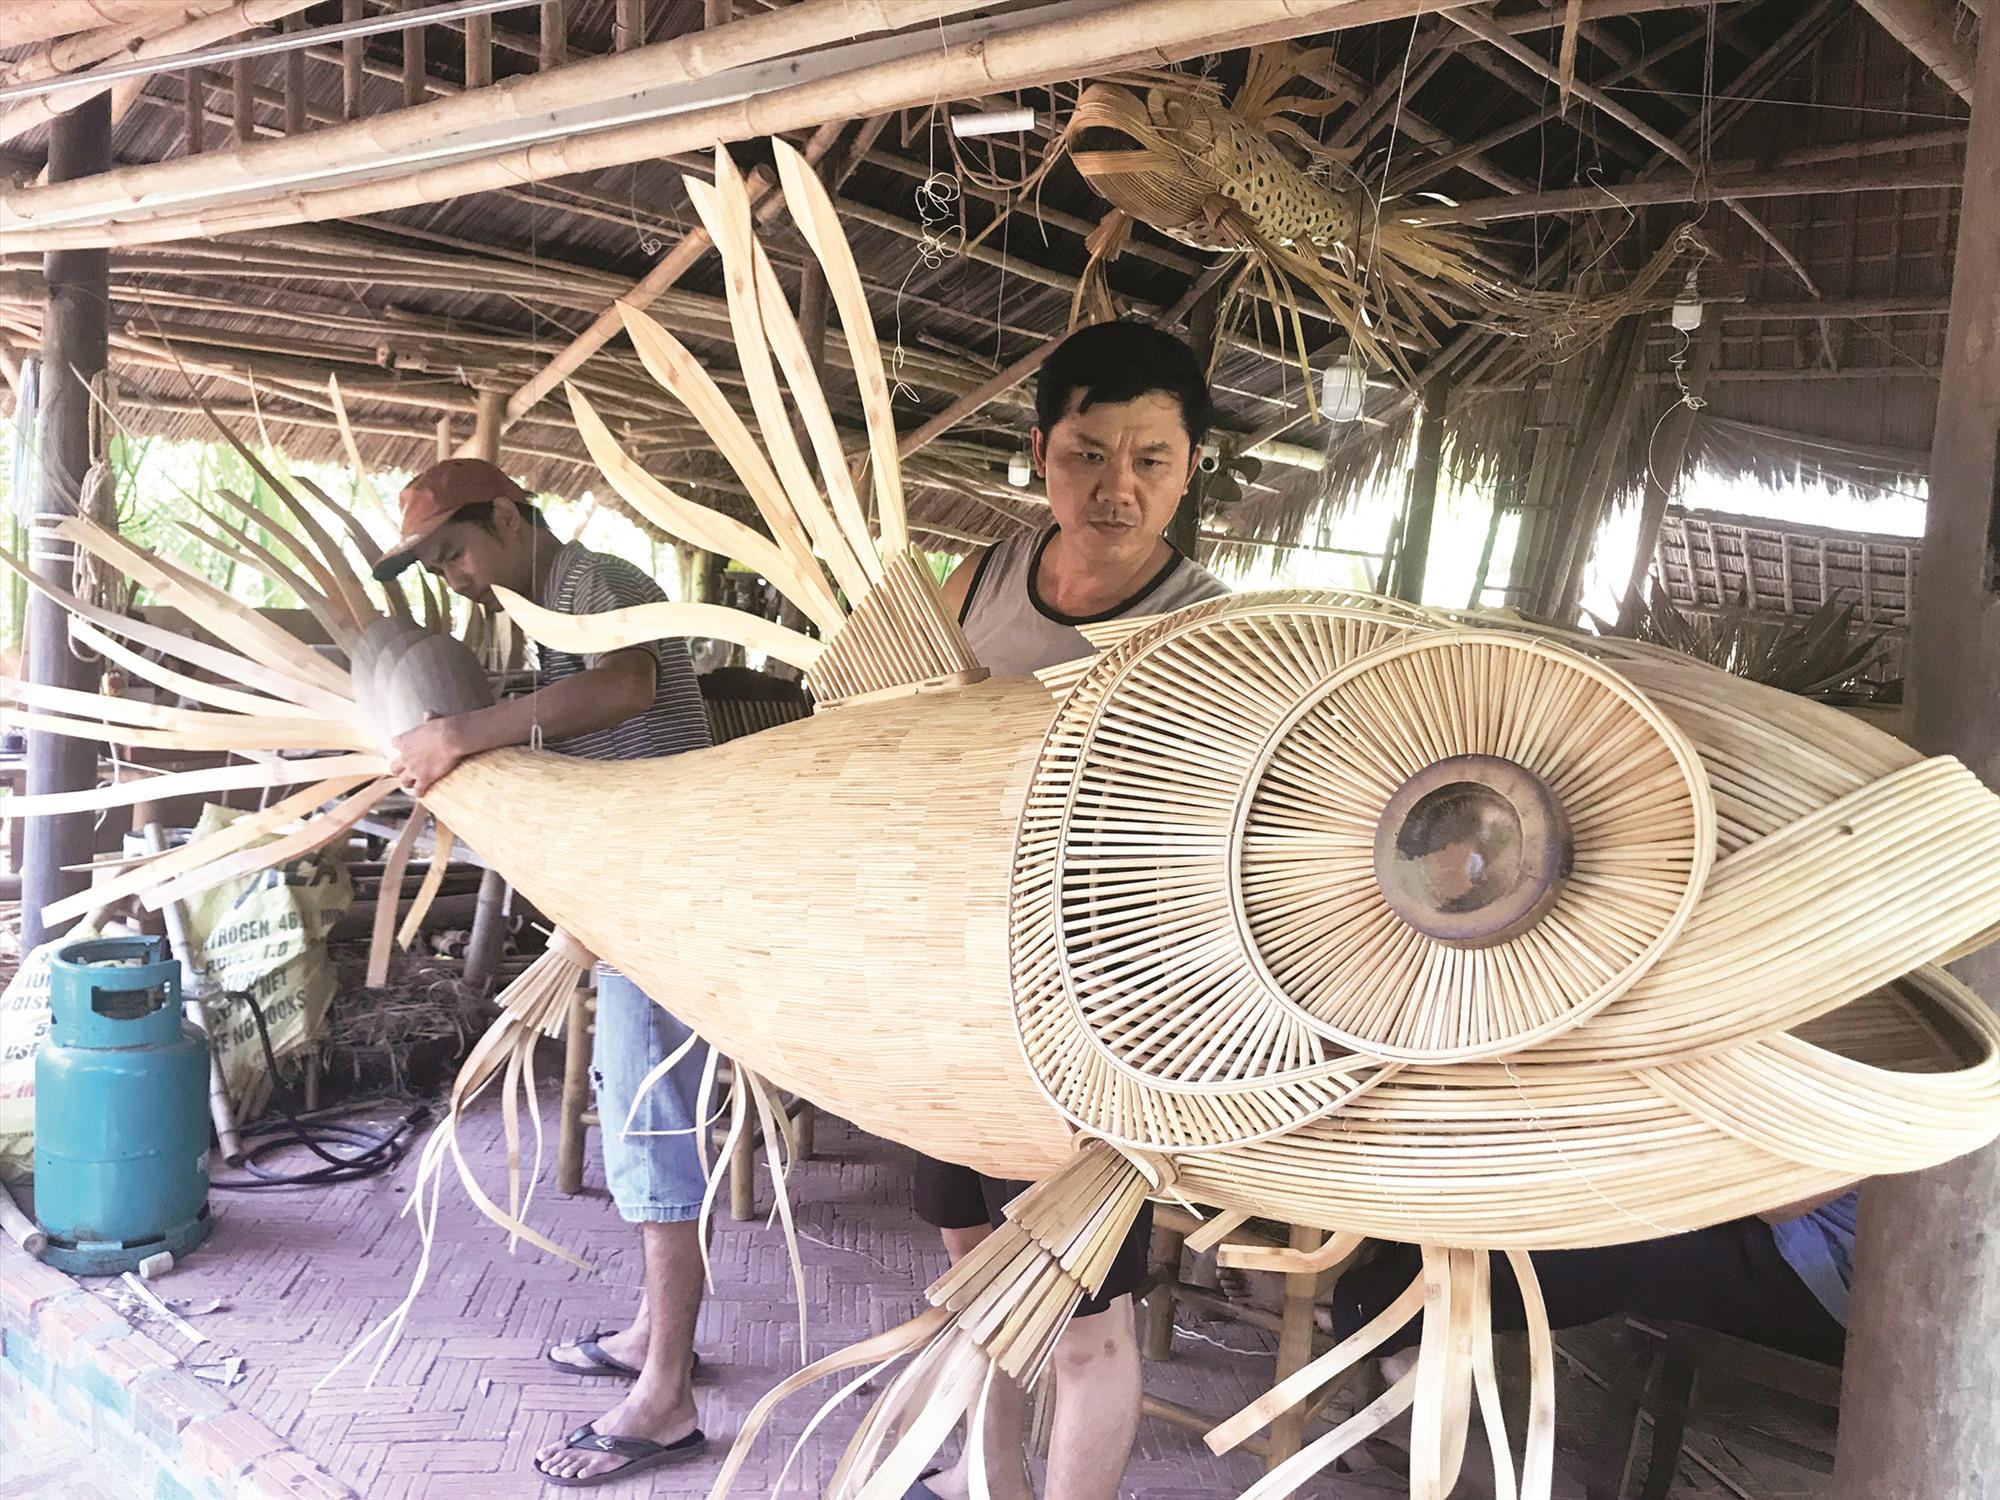 Anh Tân cùng thợ đang gấp rút hoàn thành chiếc đèn lồng hình cá Koi để giao cho khách.